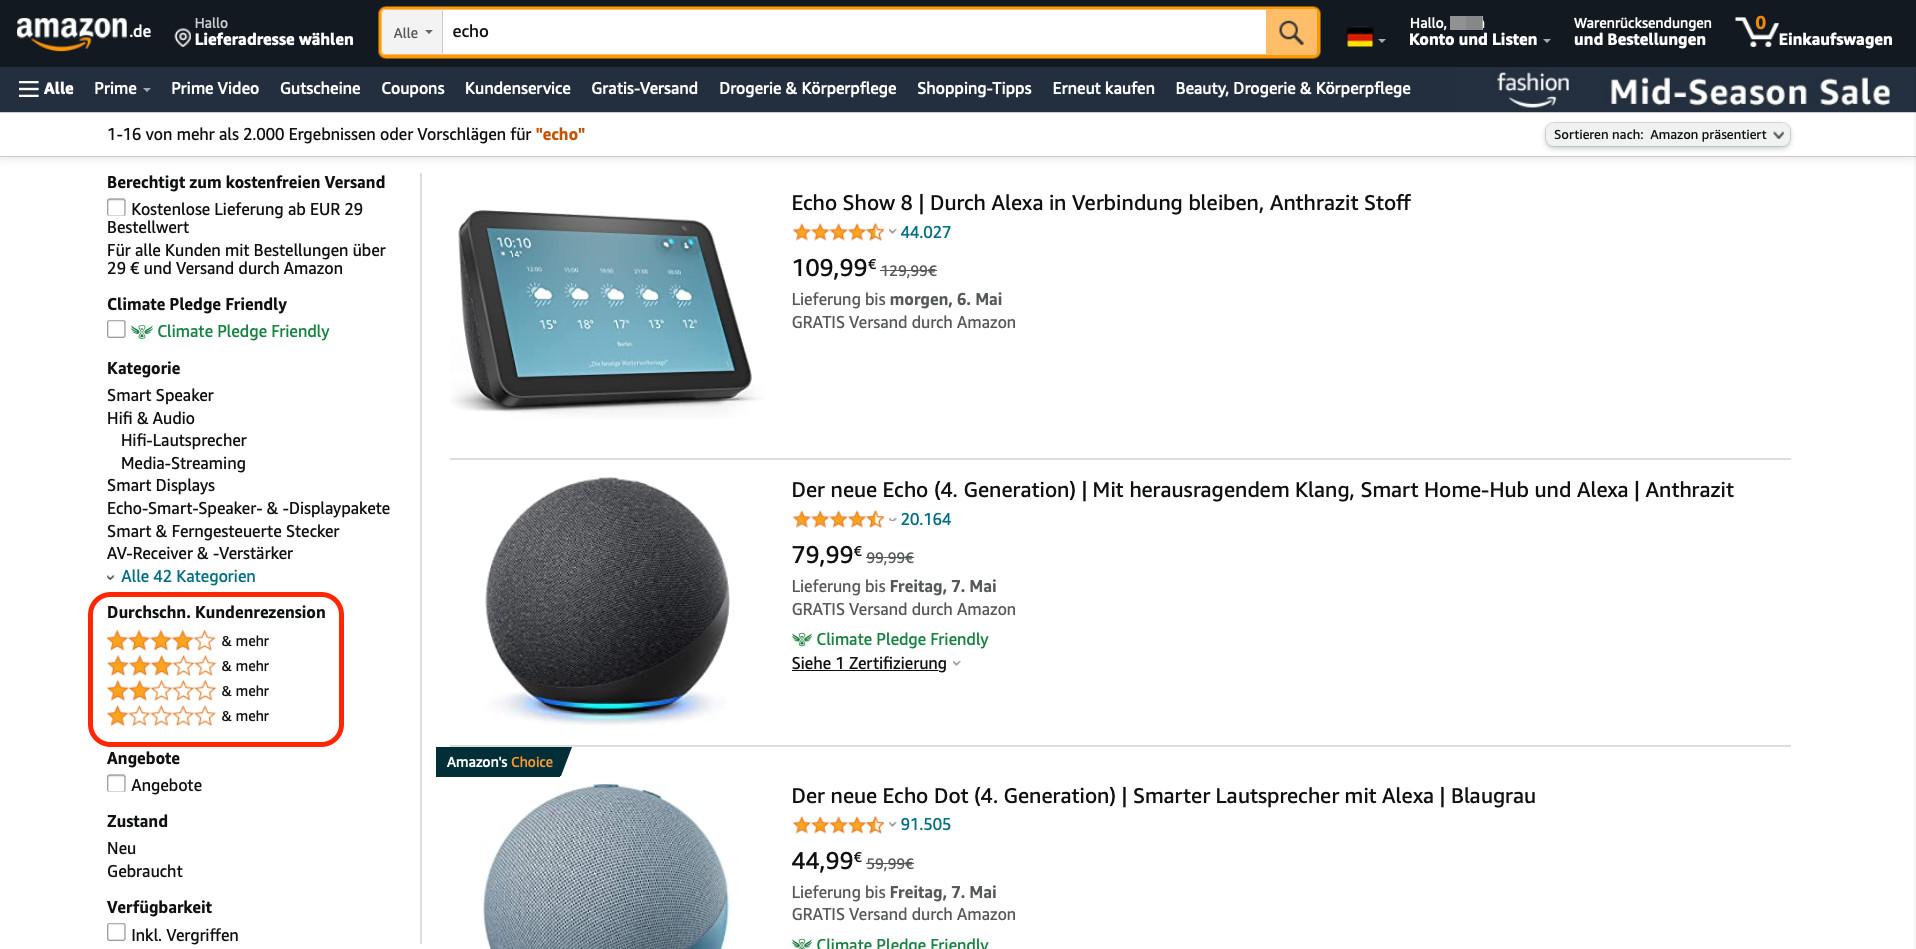 Amazon Bewertungen